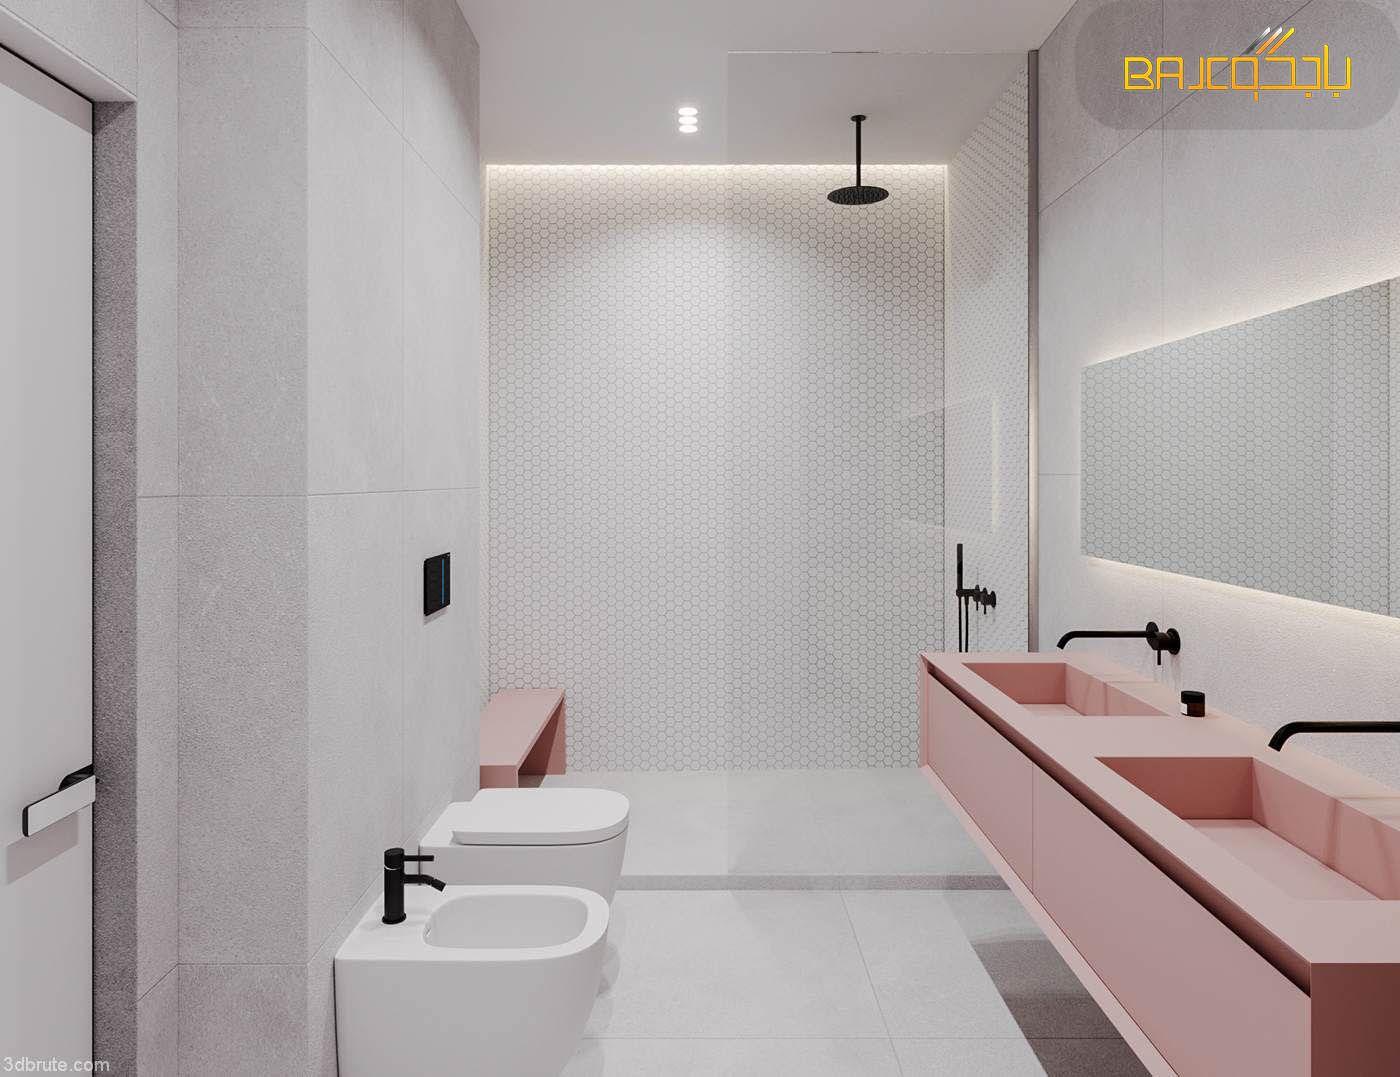 رخام صناعي Contemporary Bathroom Designs Modern Bathroom Decor Bathroom Design